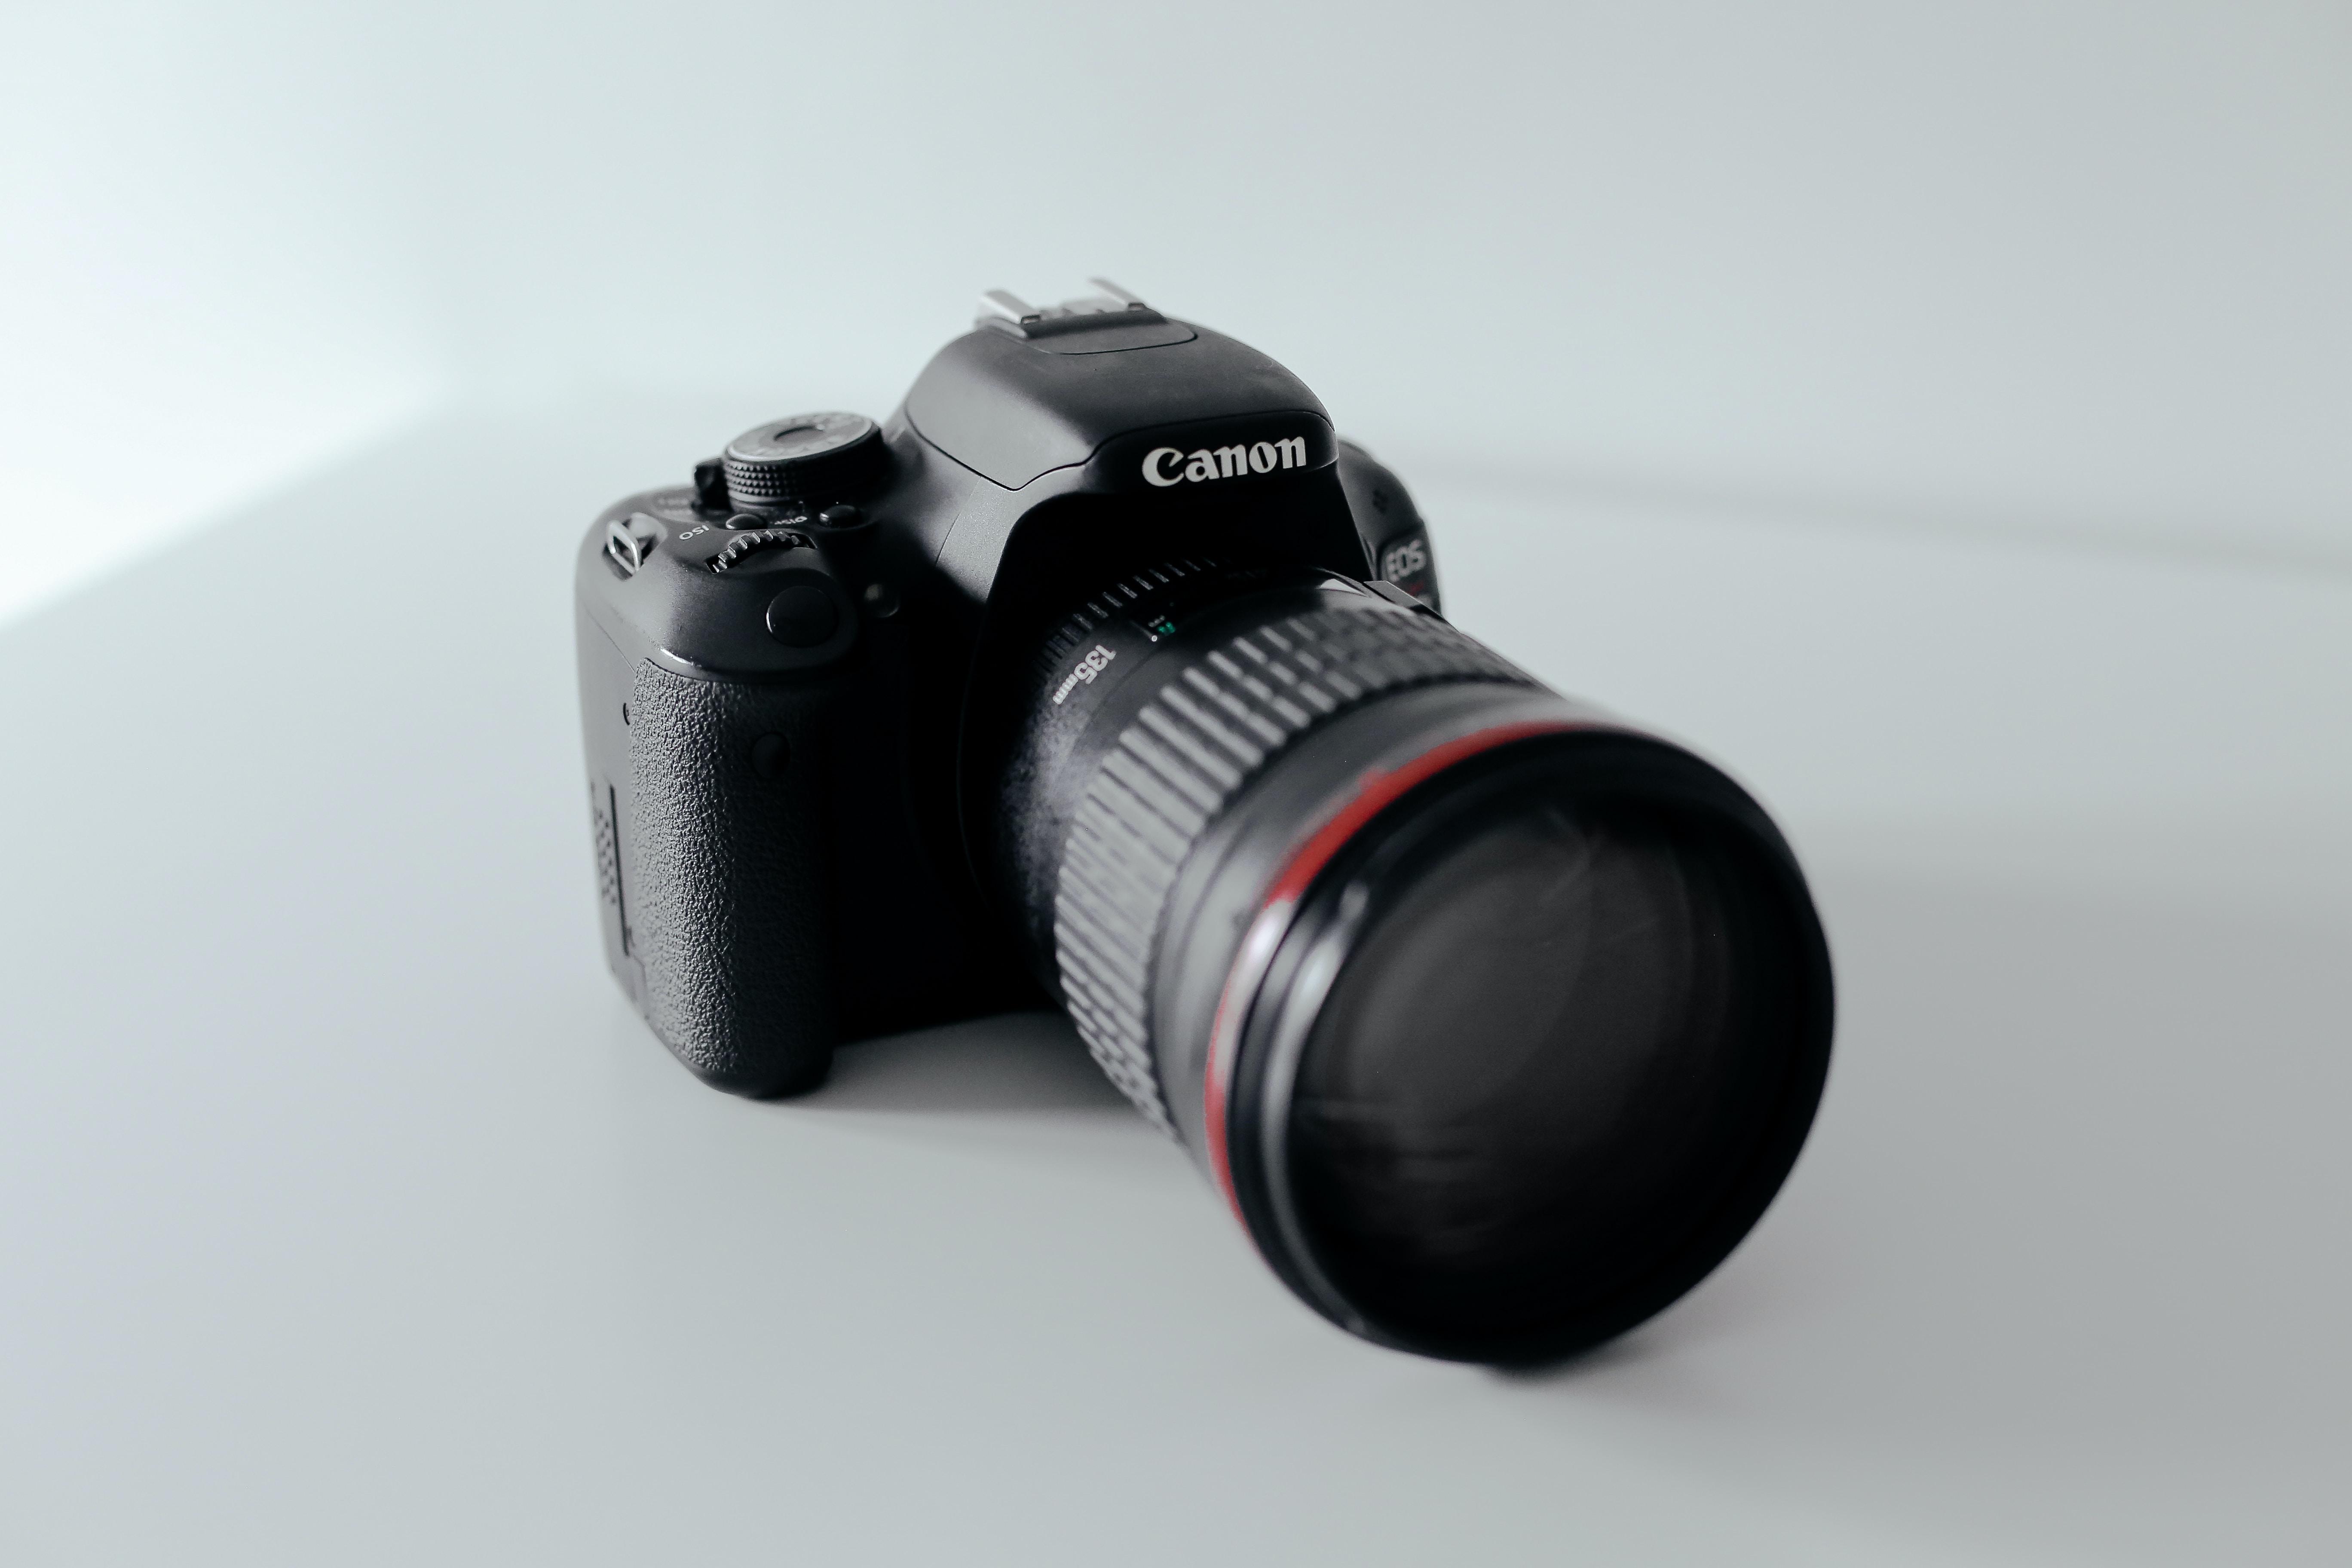 Canon EOS DSLR camera in a white studio